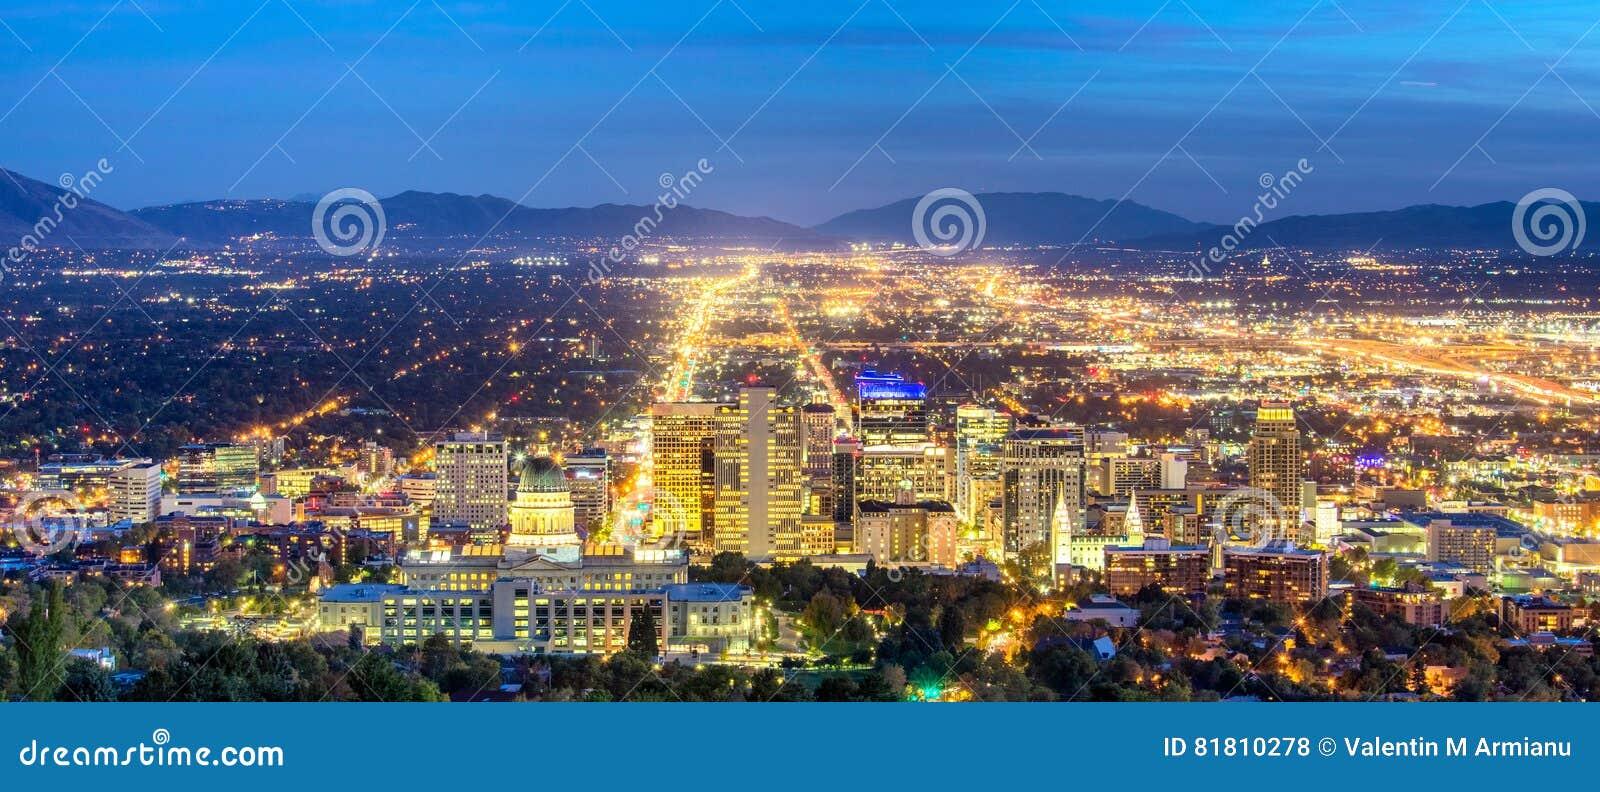 Панорамный городской Солт-Лейк-Сити